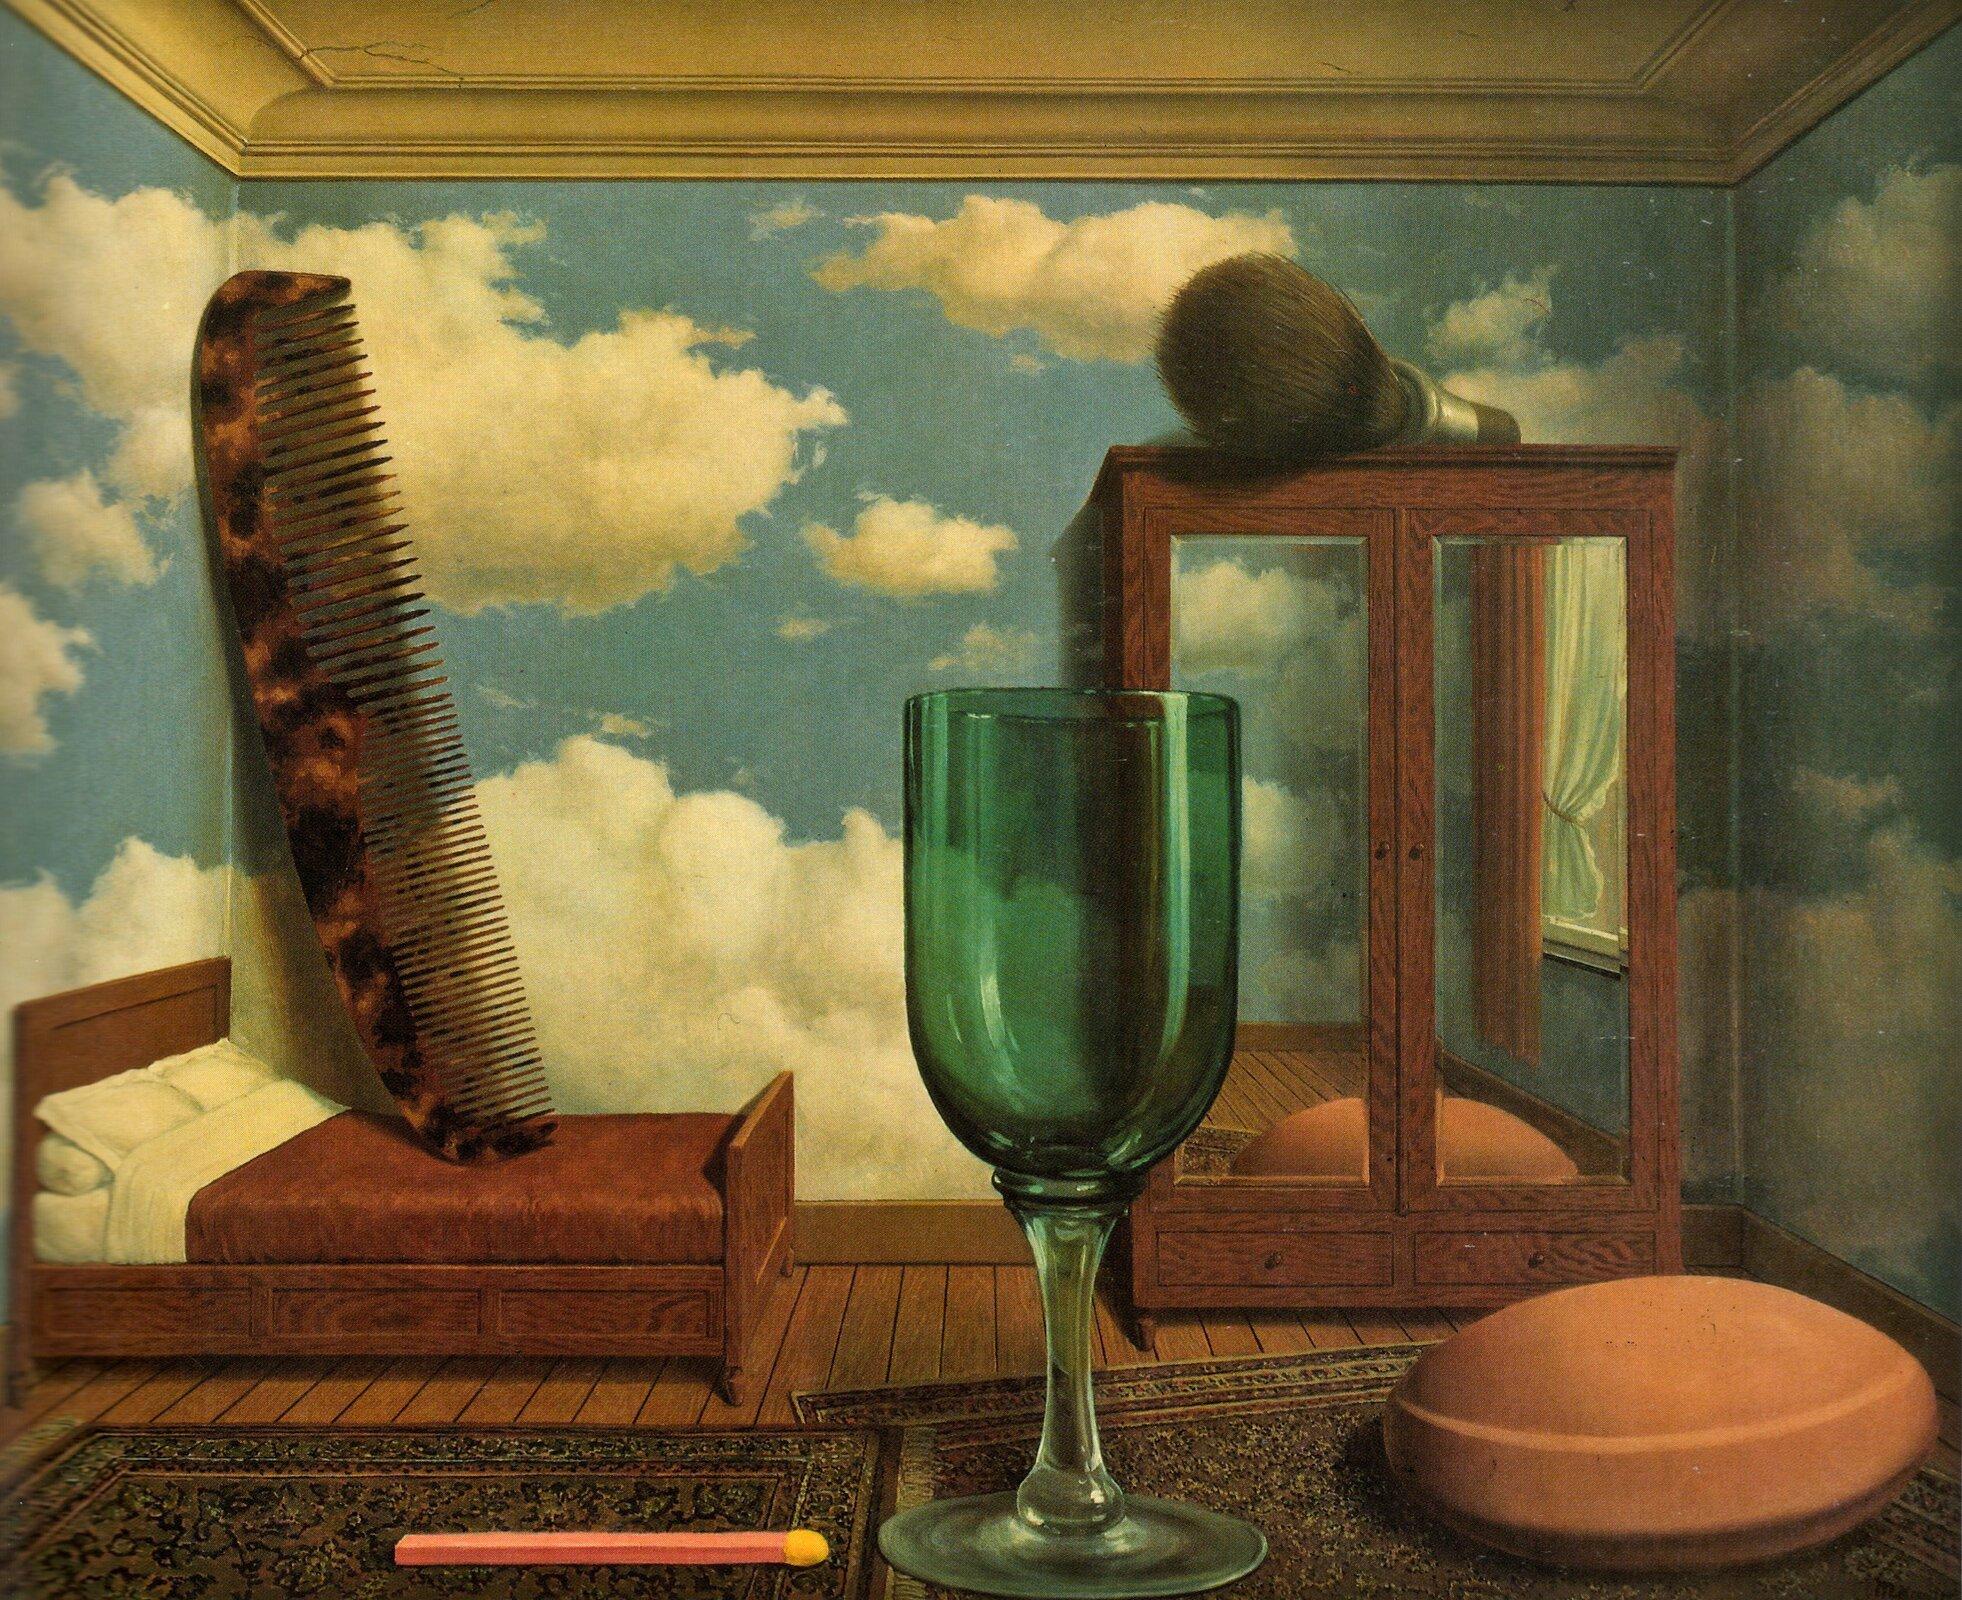 Osobiste wartości Źródło: fot.: cea , René Magritte, Osobiste wartości, San Francisco Museum of Modern Art, licencja: CC BY 2.0, [online], dostępny winternecie: https://www.flickr.com/photos/centralasian/6601894623 [dostęp 9.12.2015 r.].